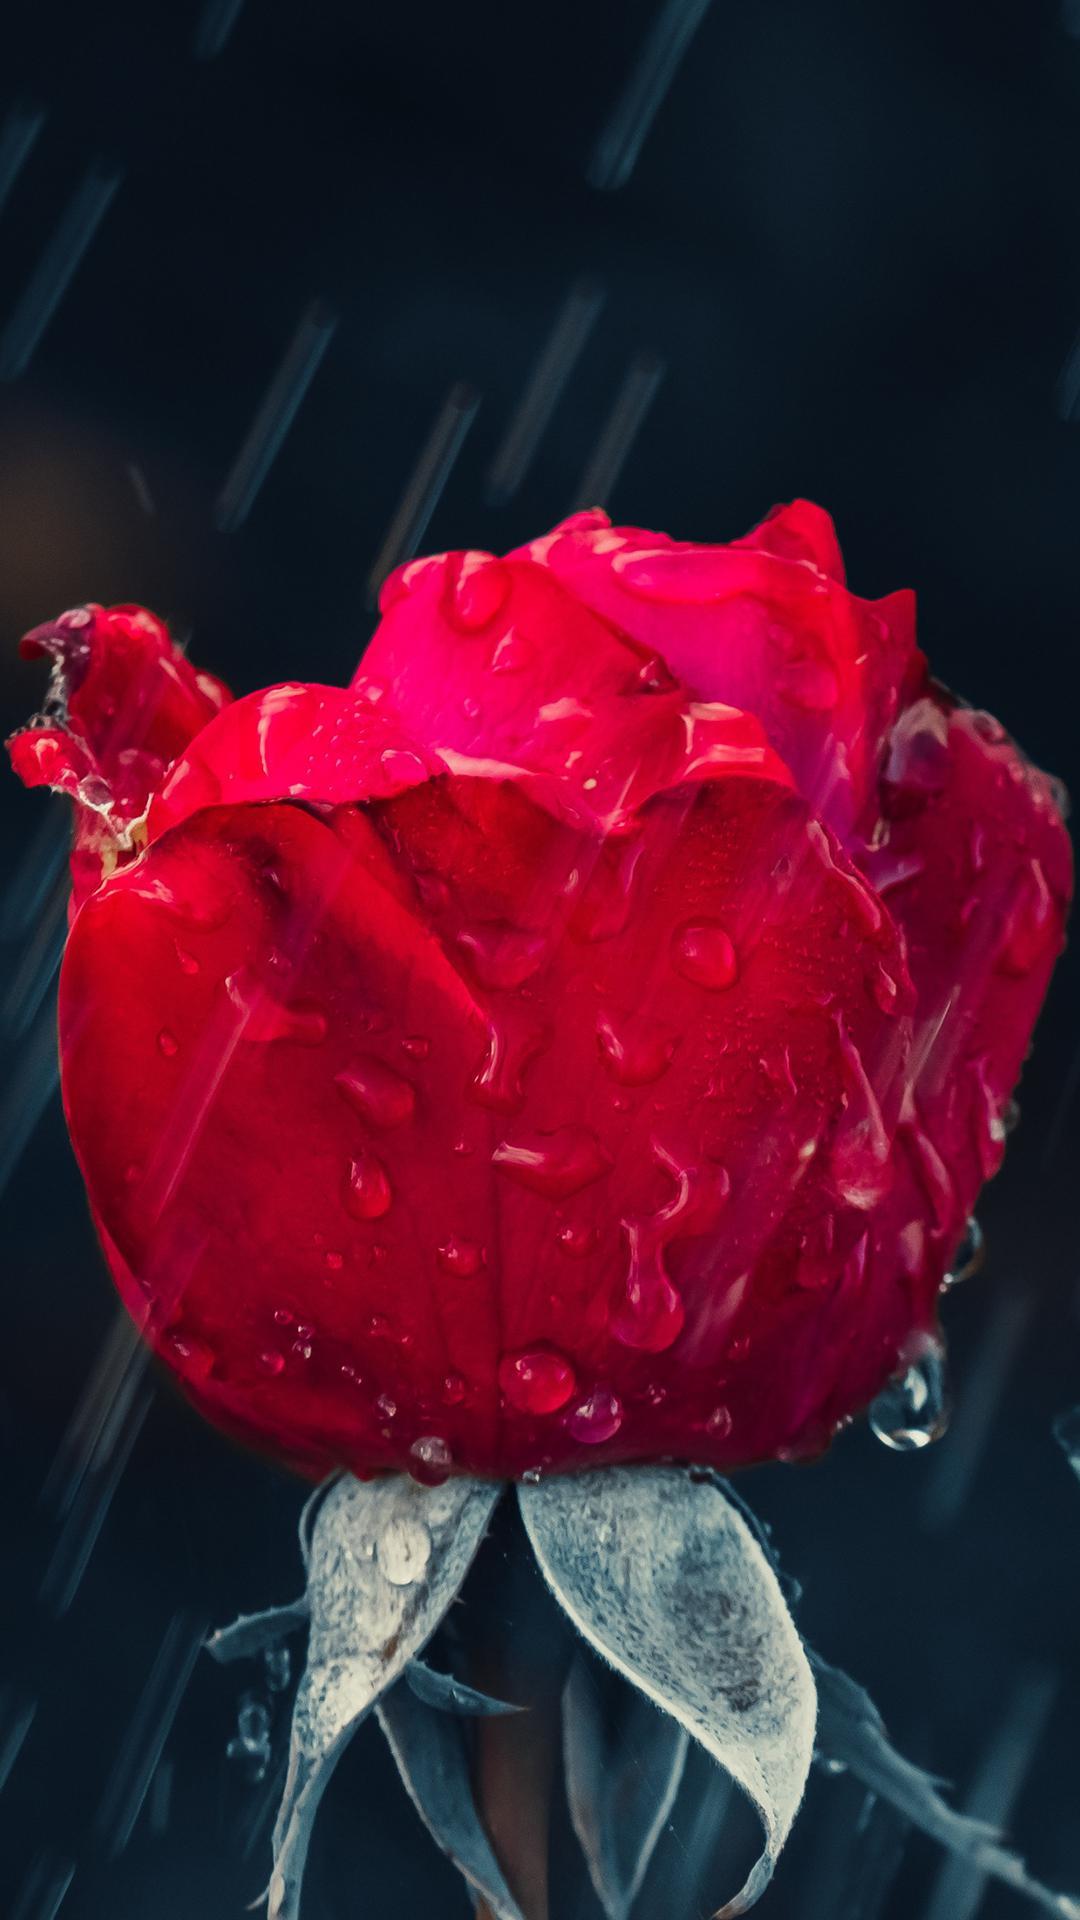 عکس زمینه رز قرمز بارون زده زیبا رمانتیک پس زمینه